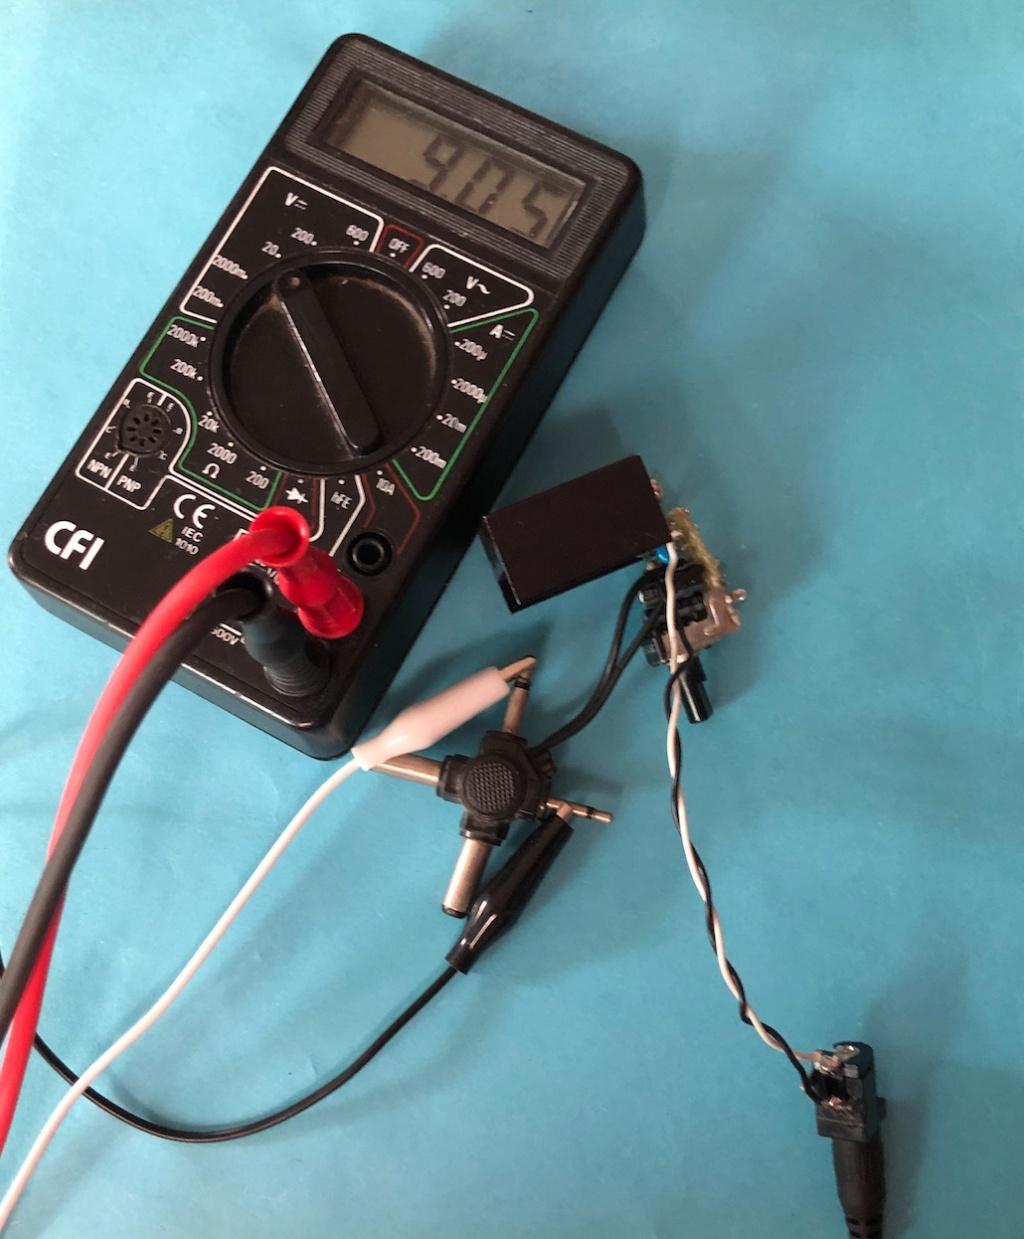 Mise en pratique et échanges autour de la réparation électronique : le Repair Café - Page 2 Captu746